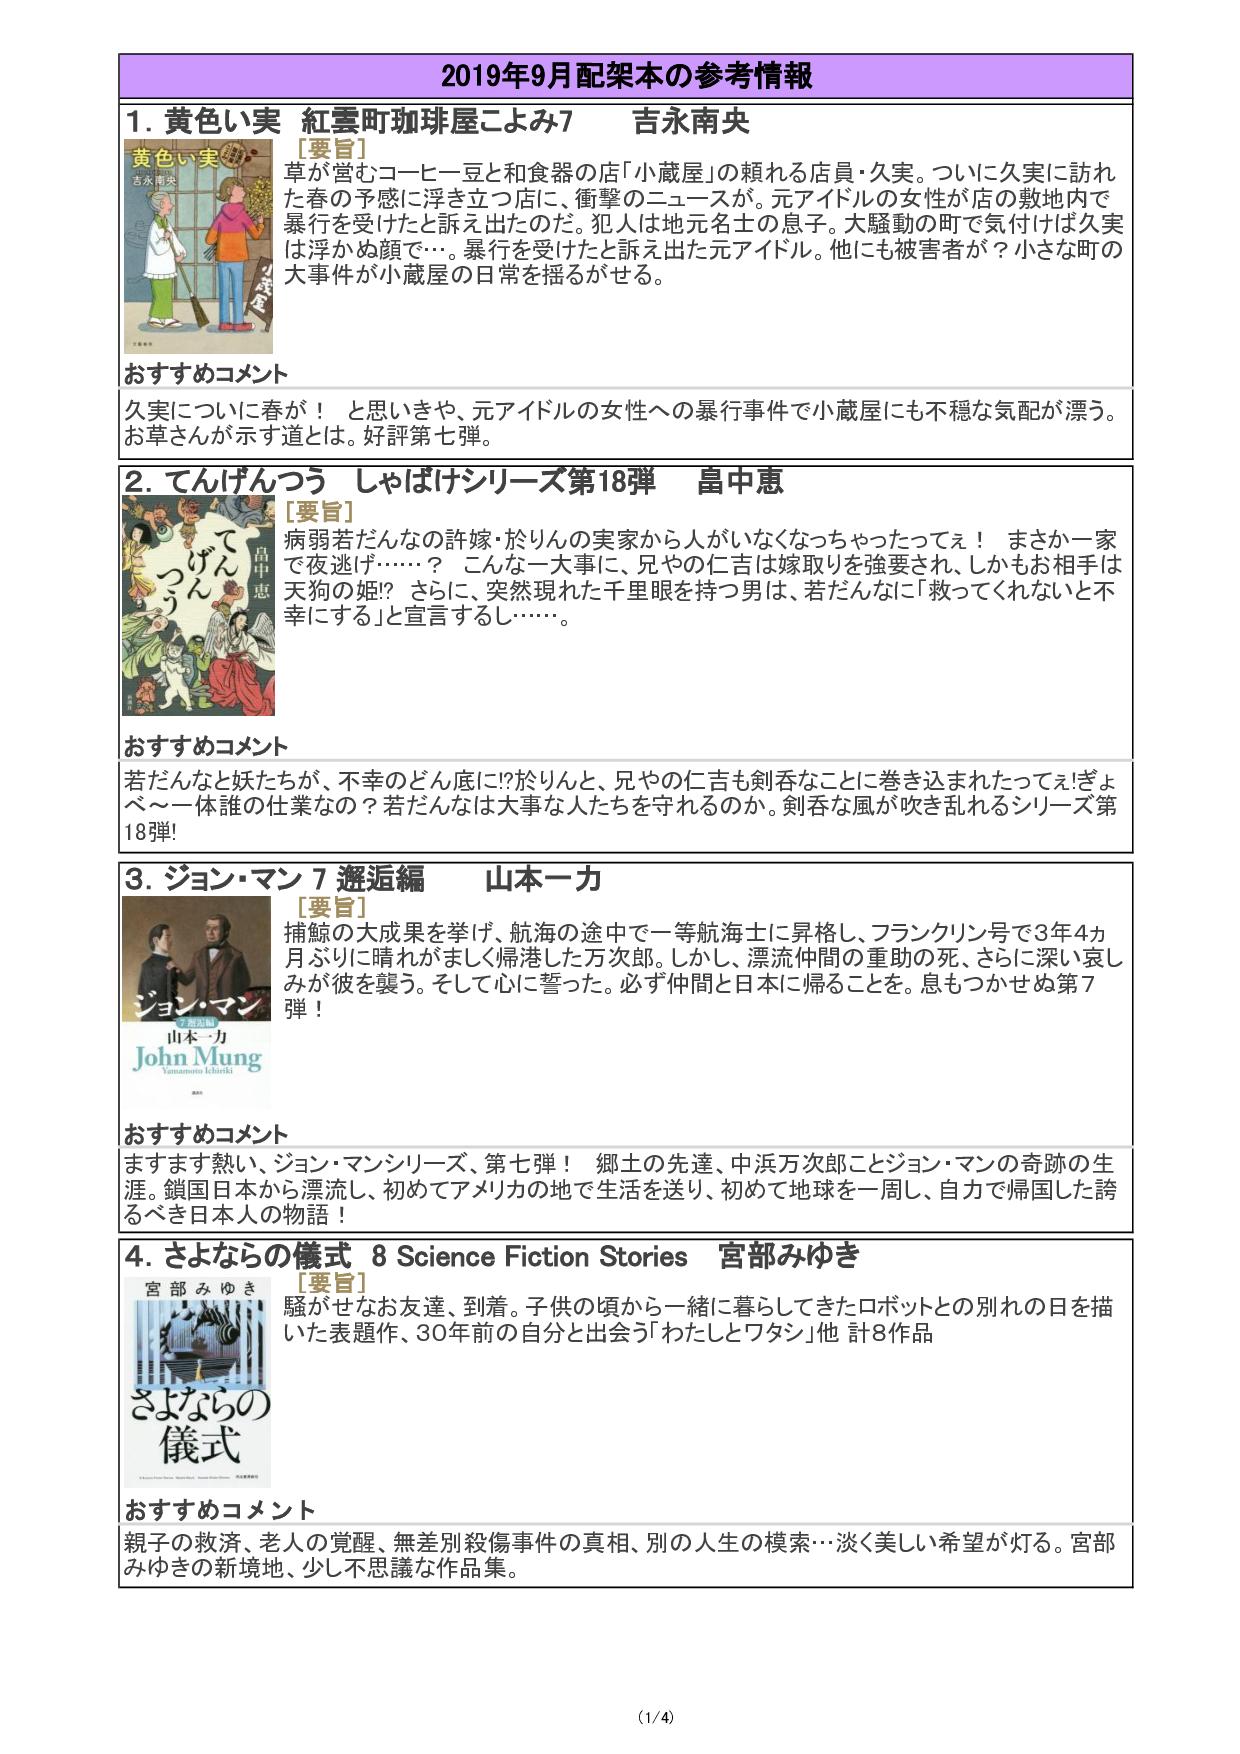 配架本紹介2019年9月分_p001